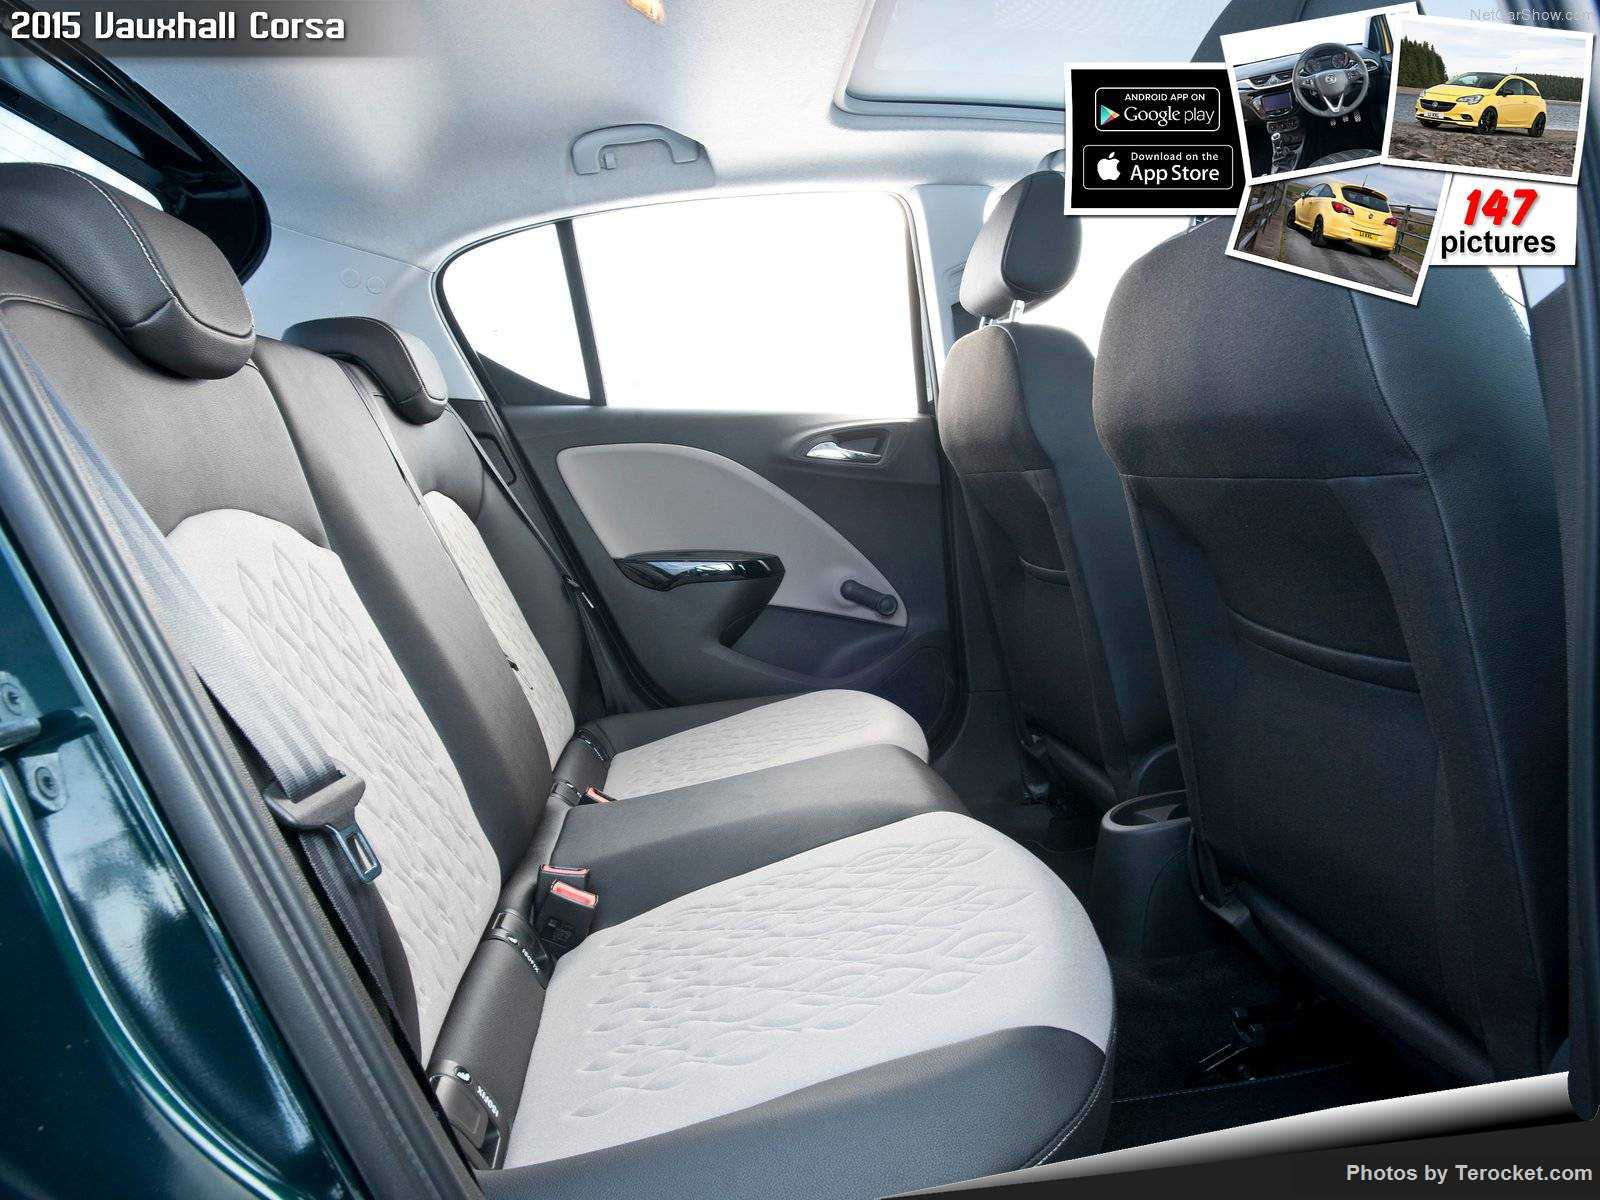 Hình ảnh xe ô tô Vauxhall Corsa 2015 & nội ngoại thất